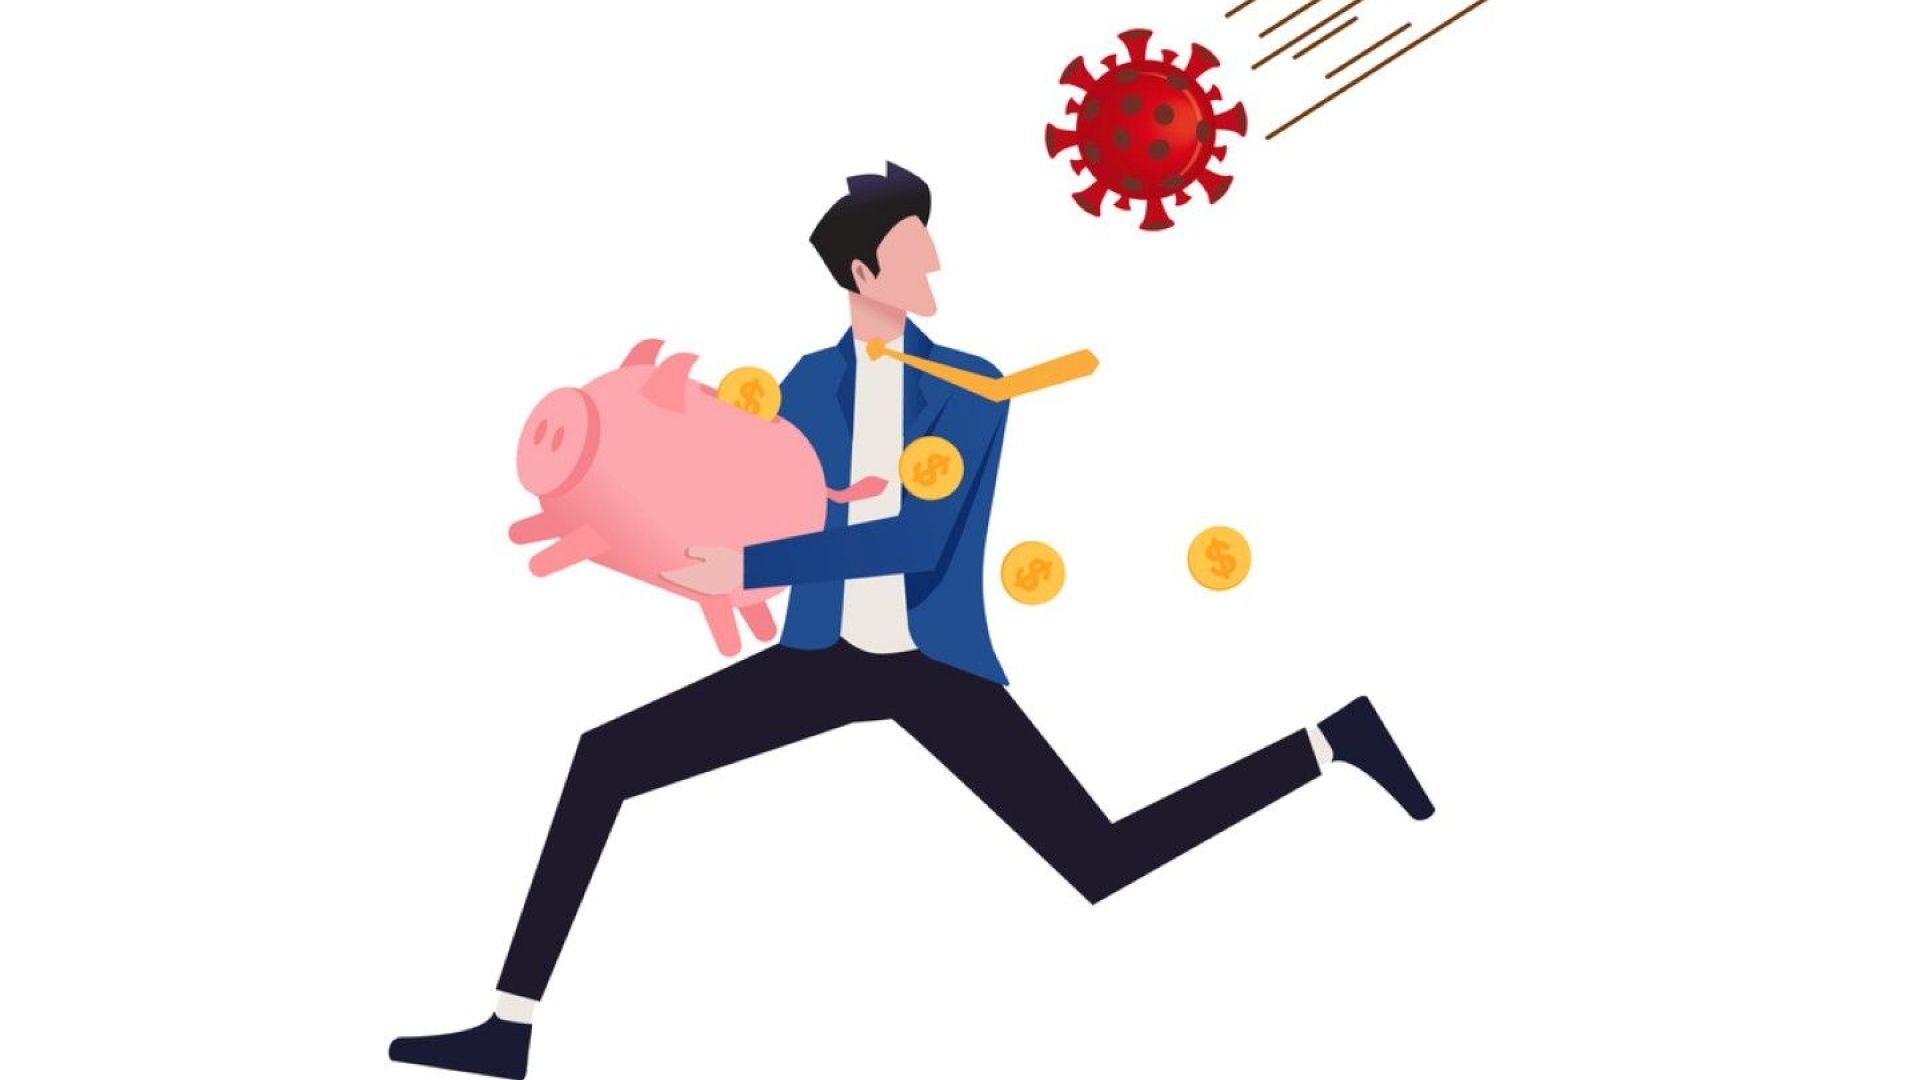 ПИБ дава отсрочка по кредитните плащания на засегнати от новия вирус клиенти